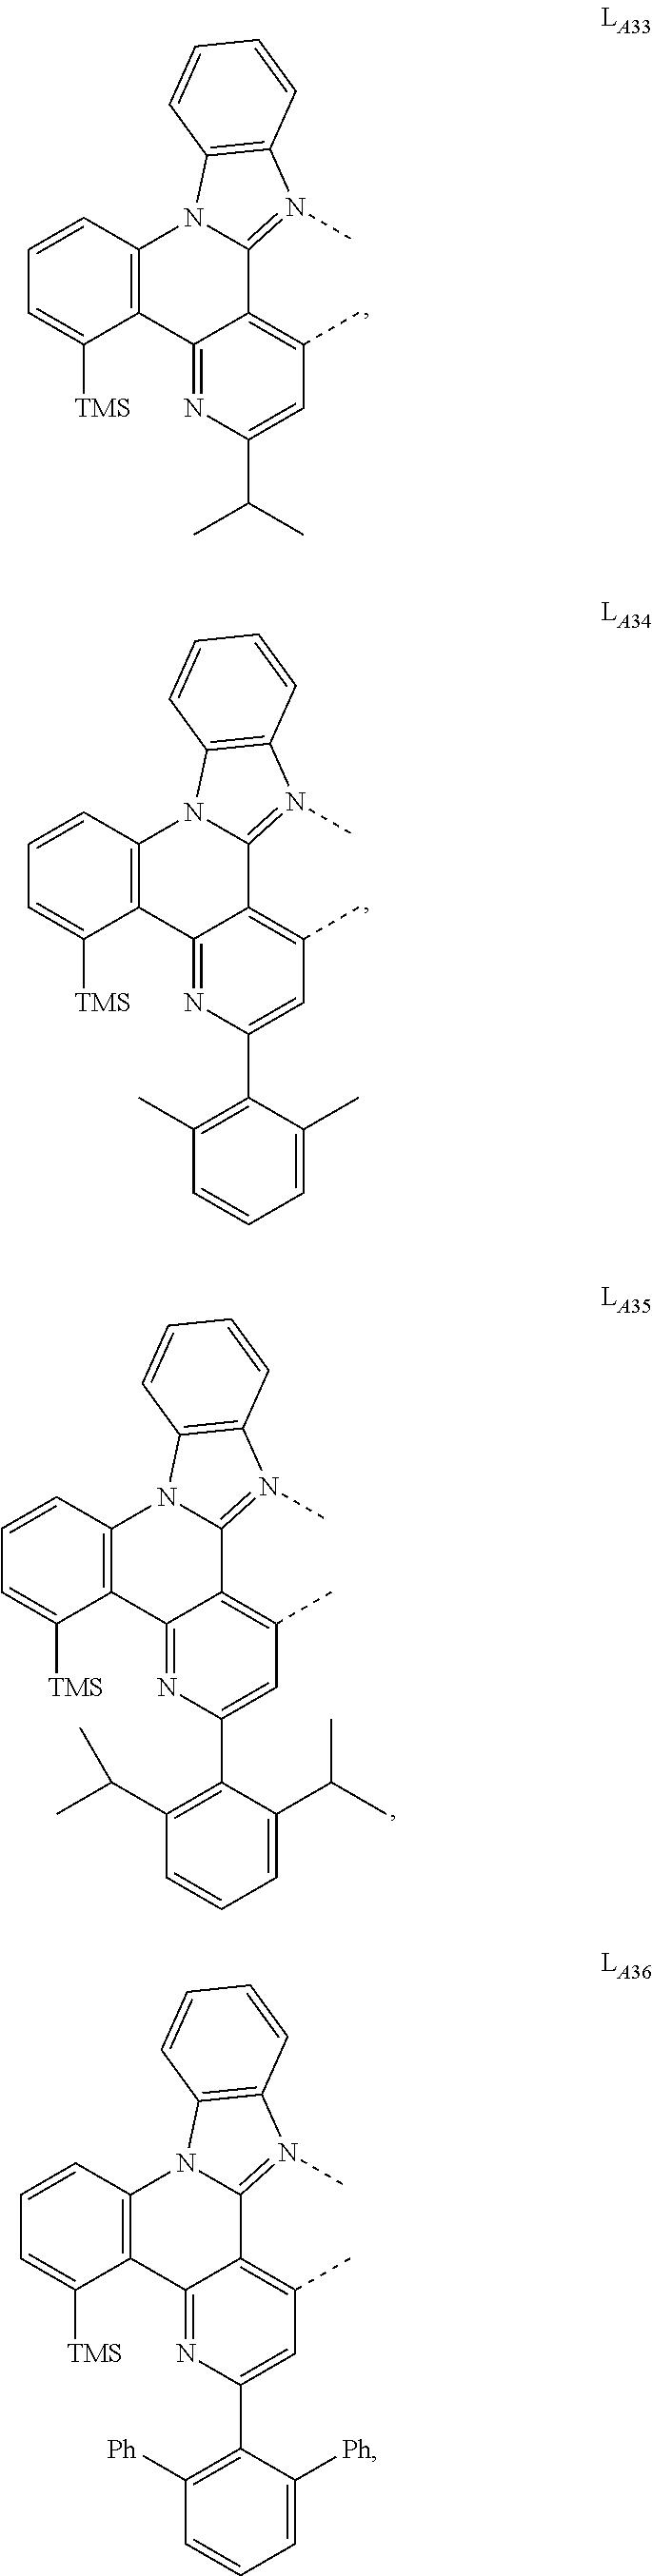 Figure US09905785-20180227-C00032